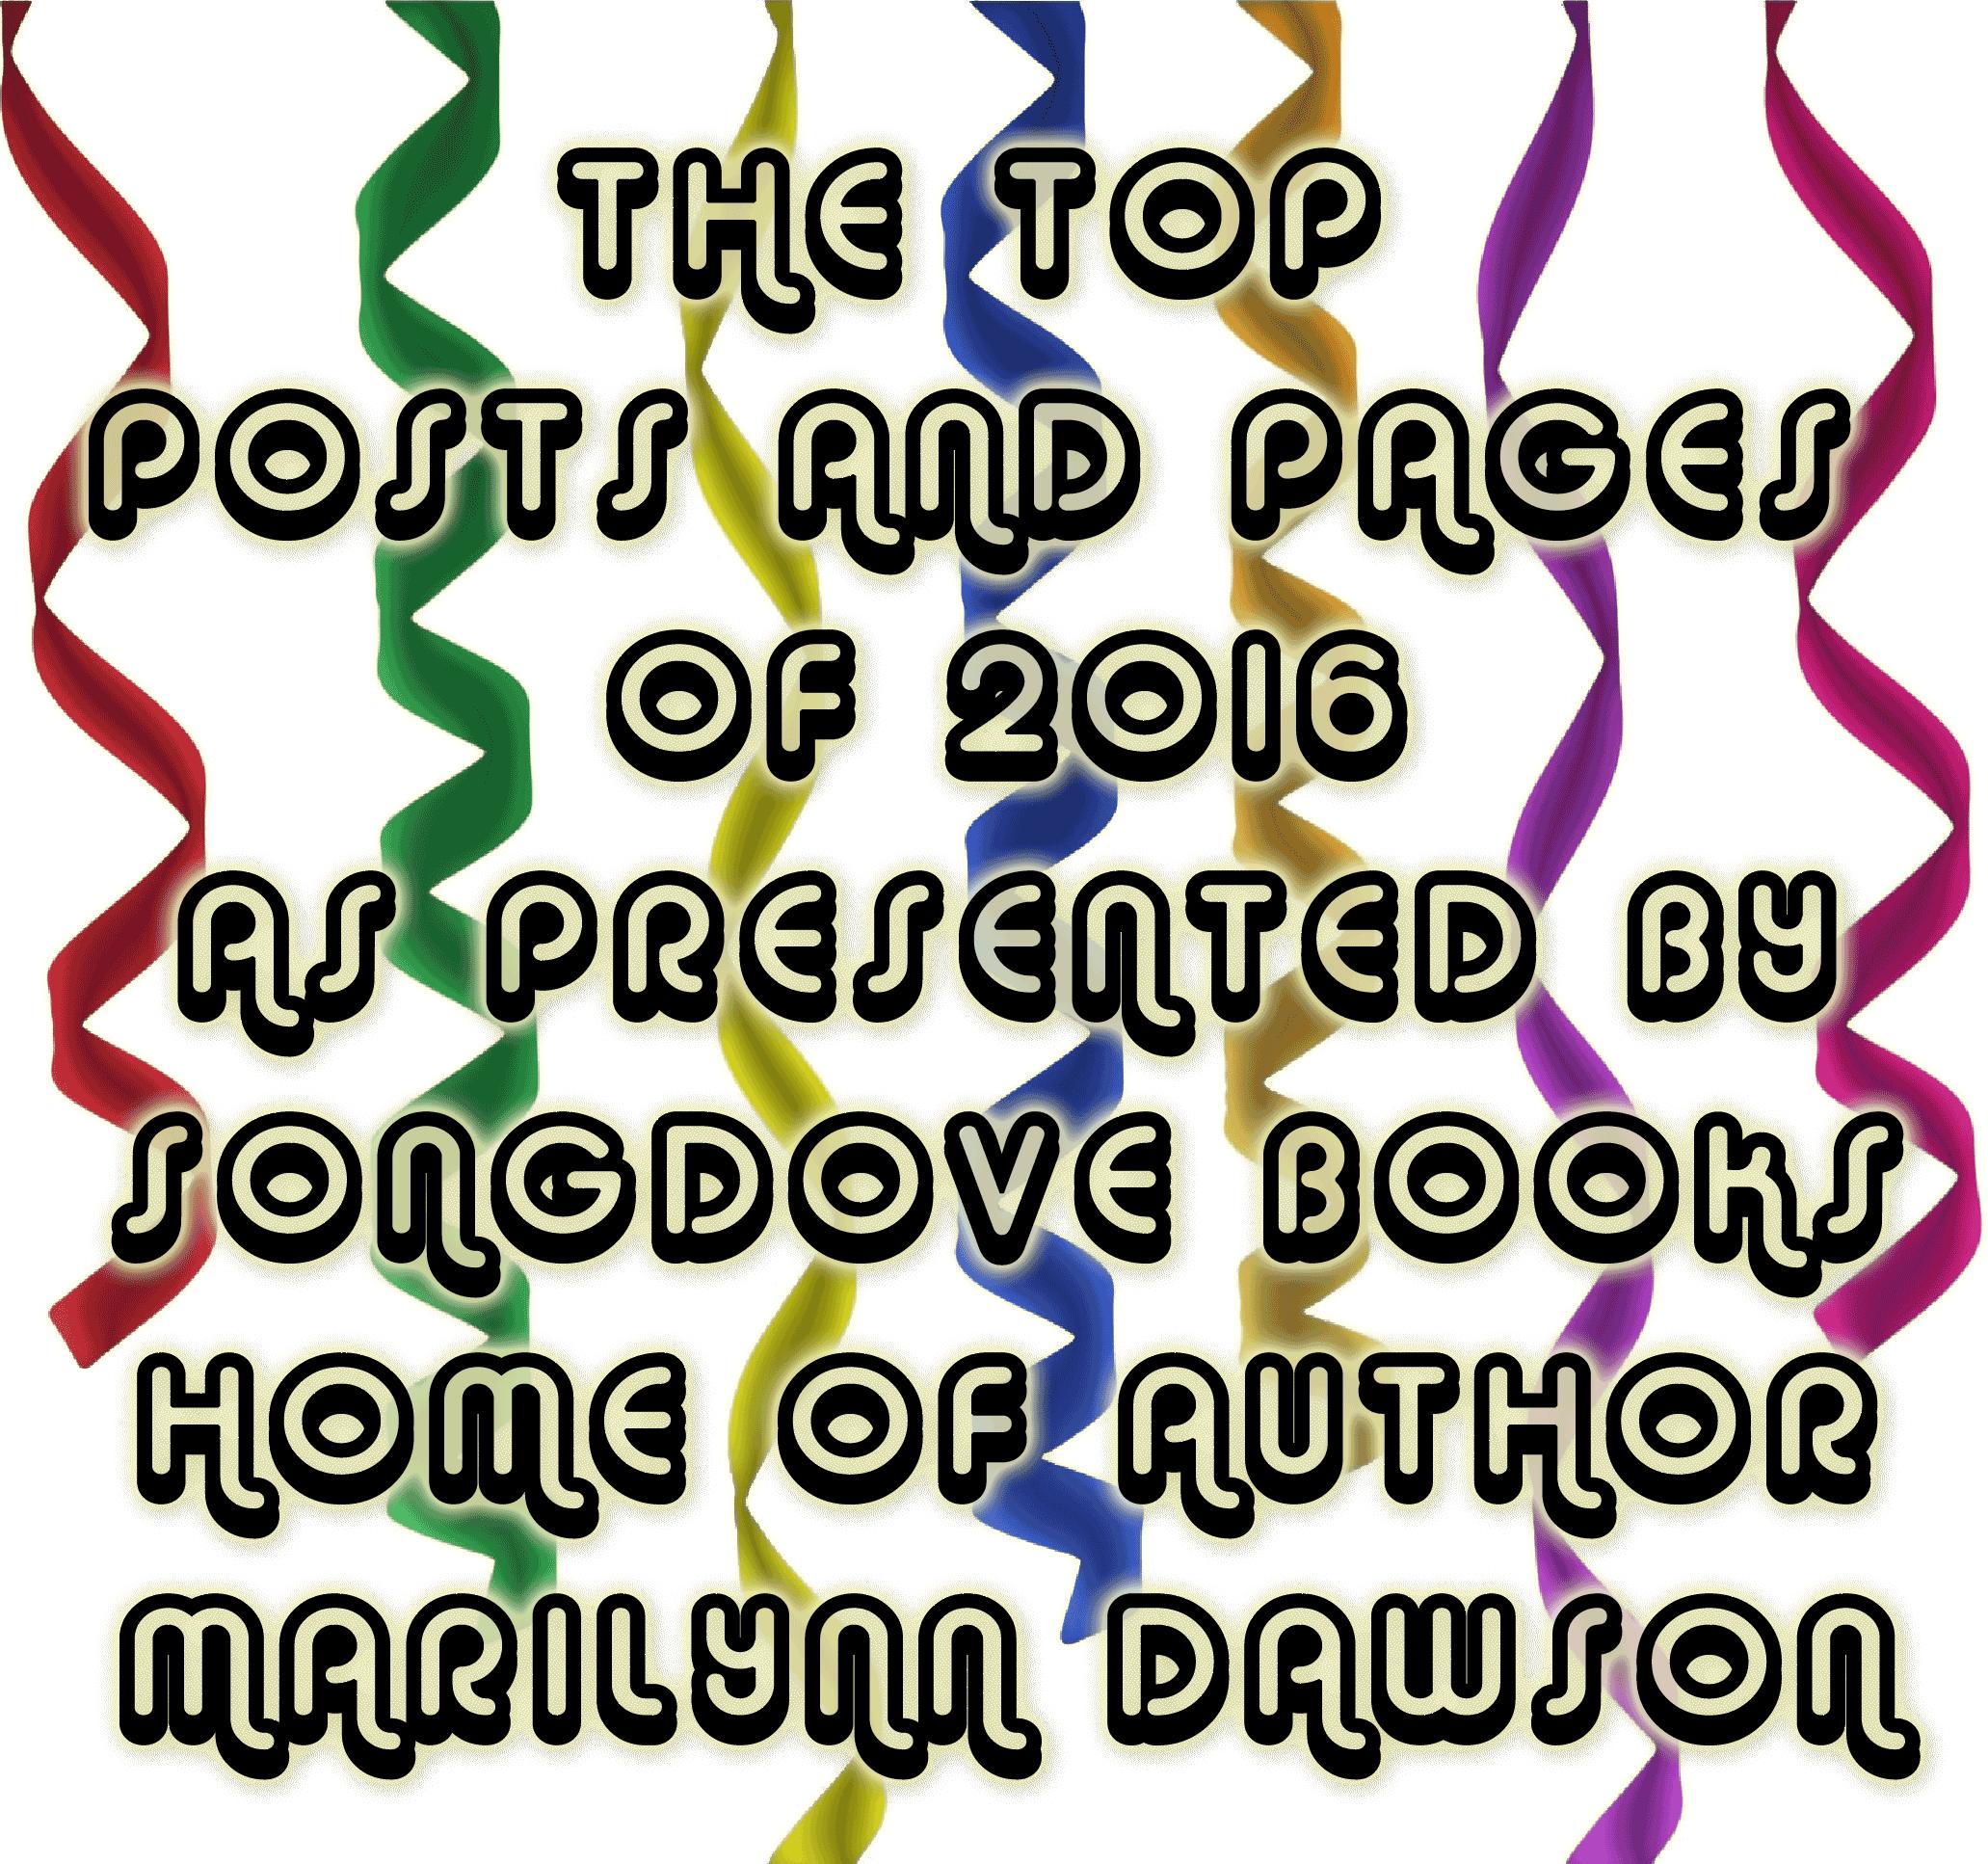 Songdove Books TOP POSTS 2016